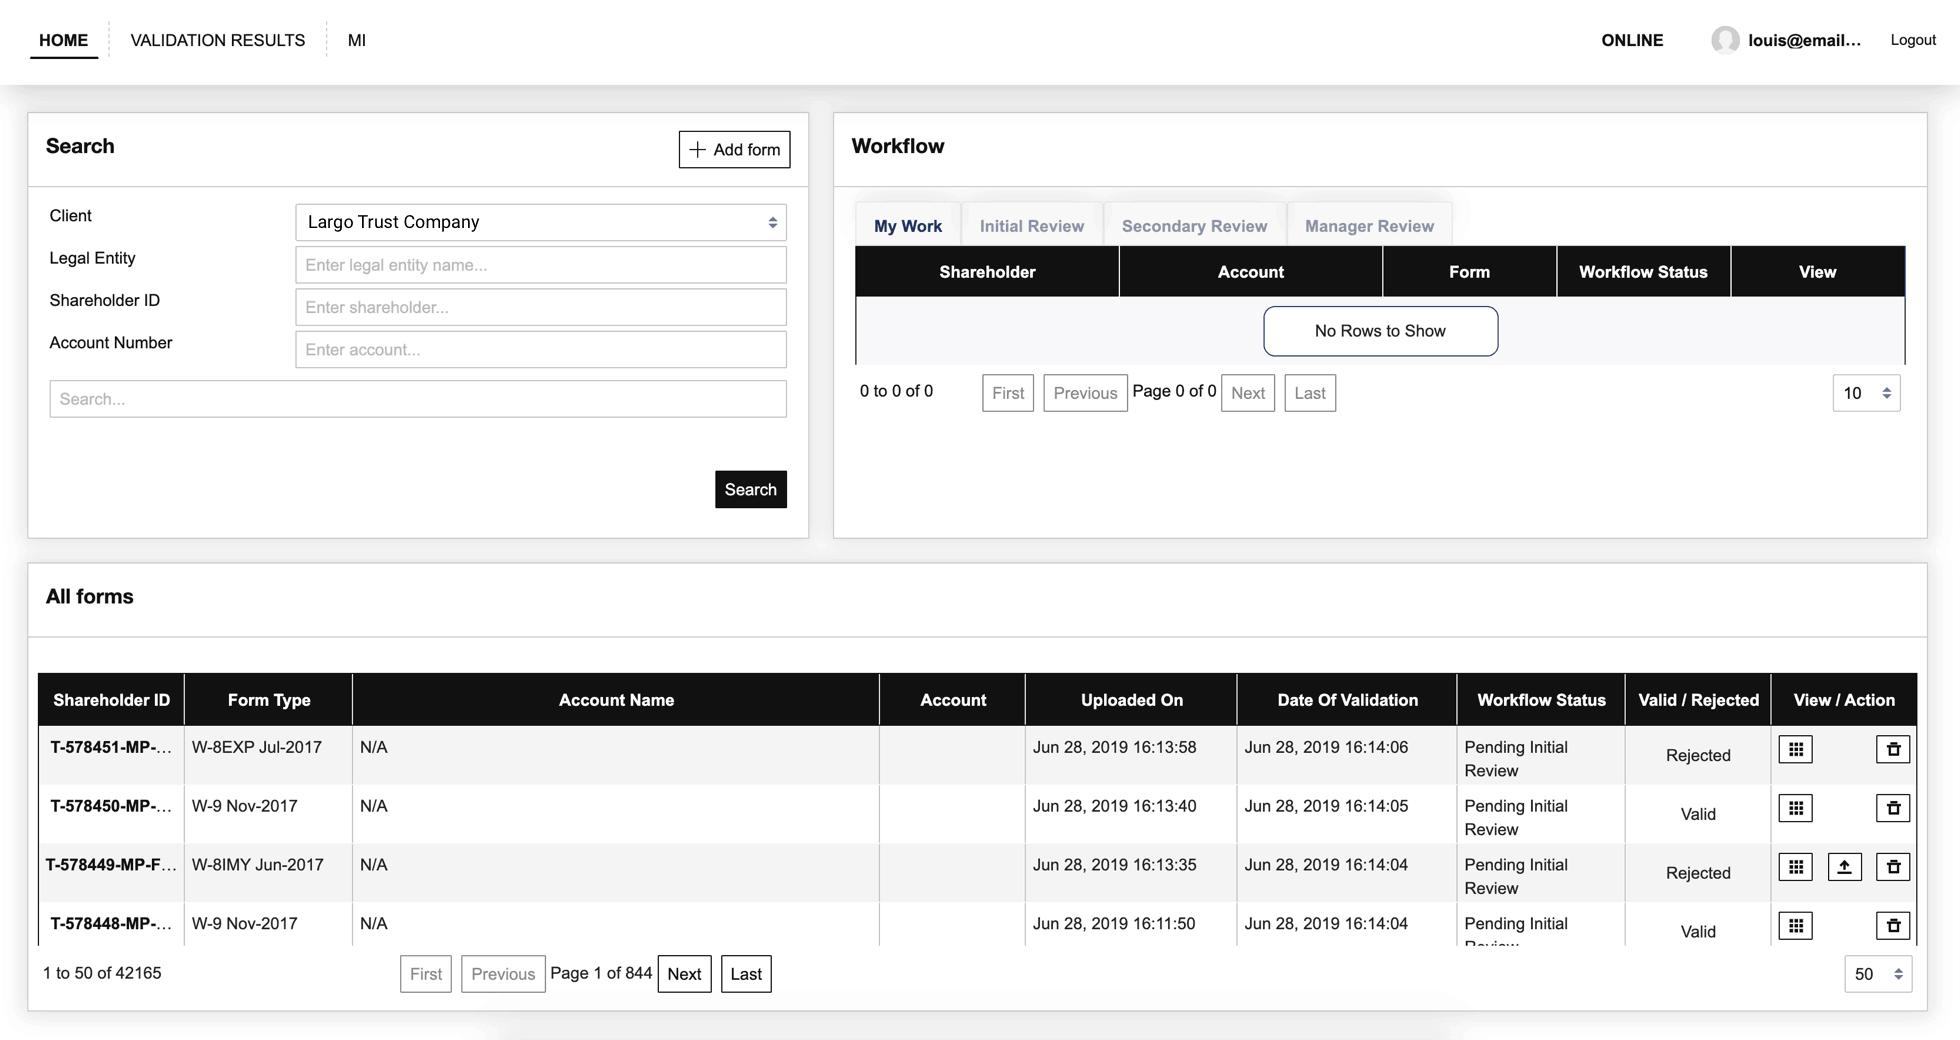 Validator home redacted